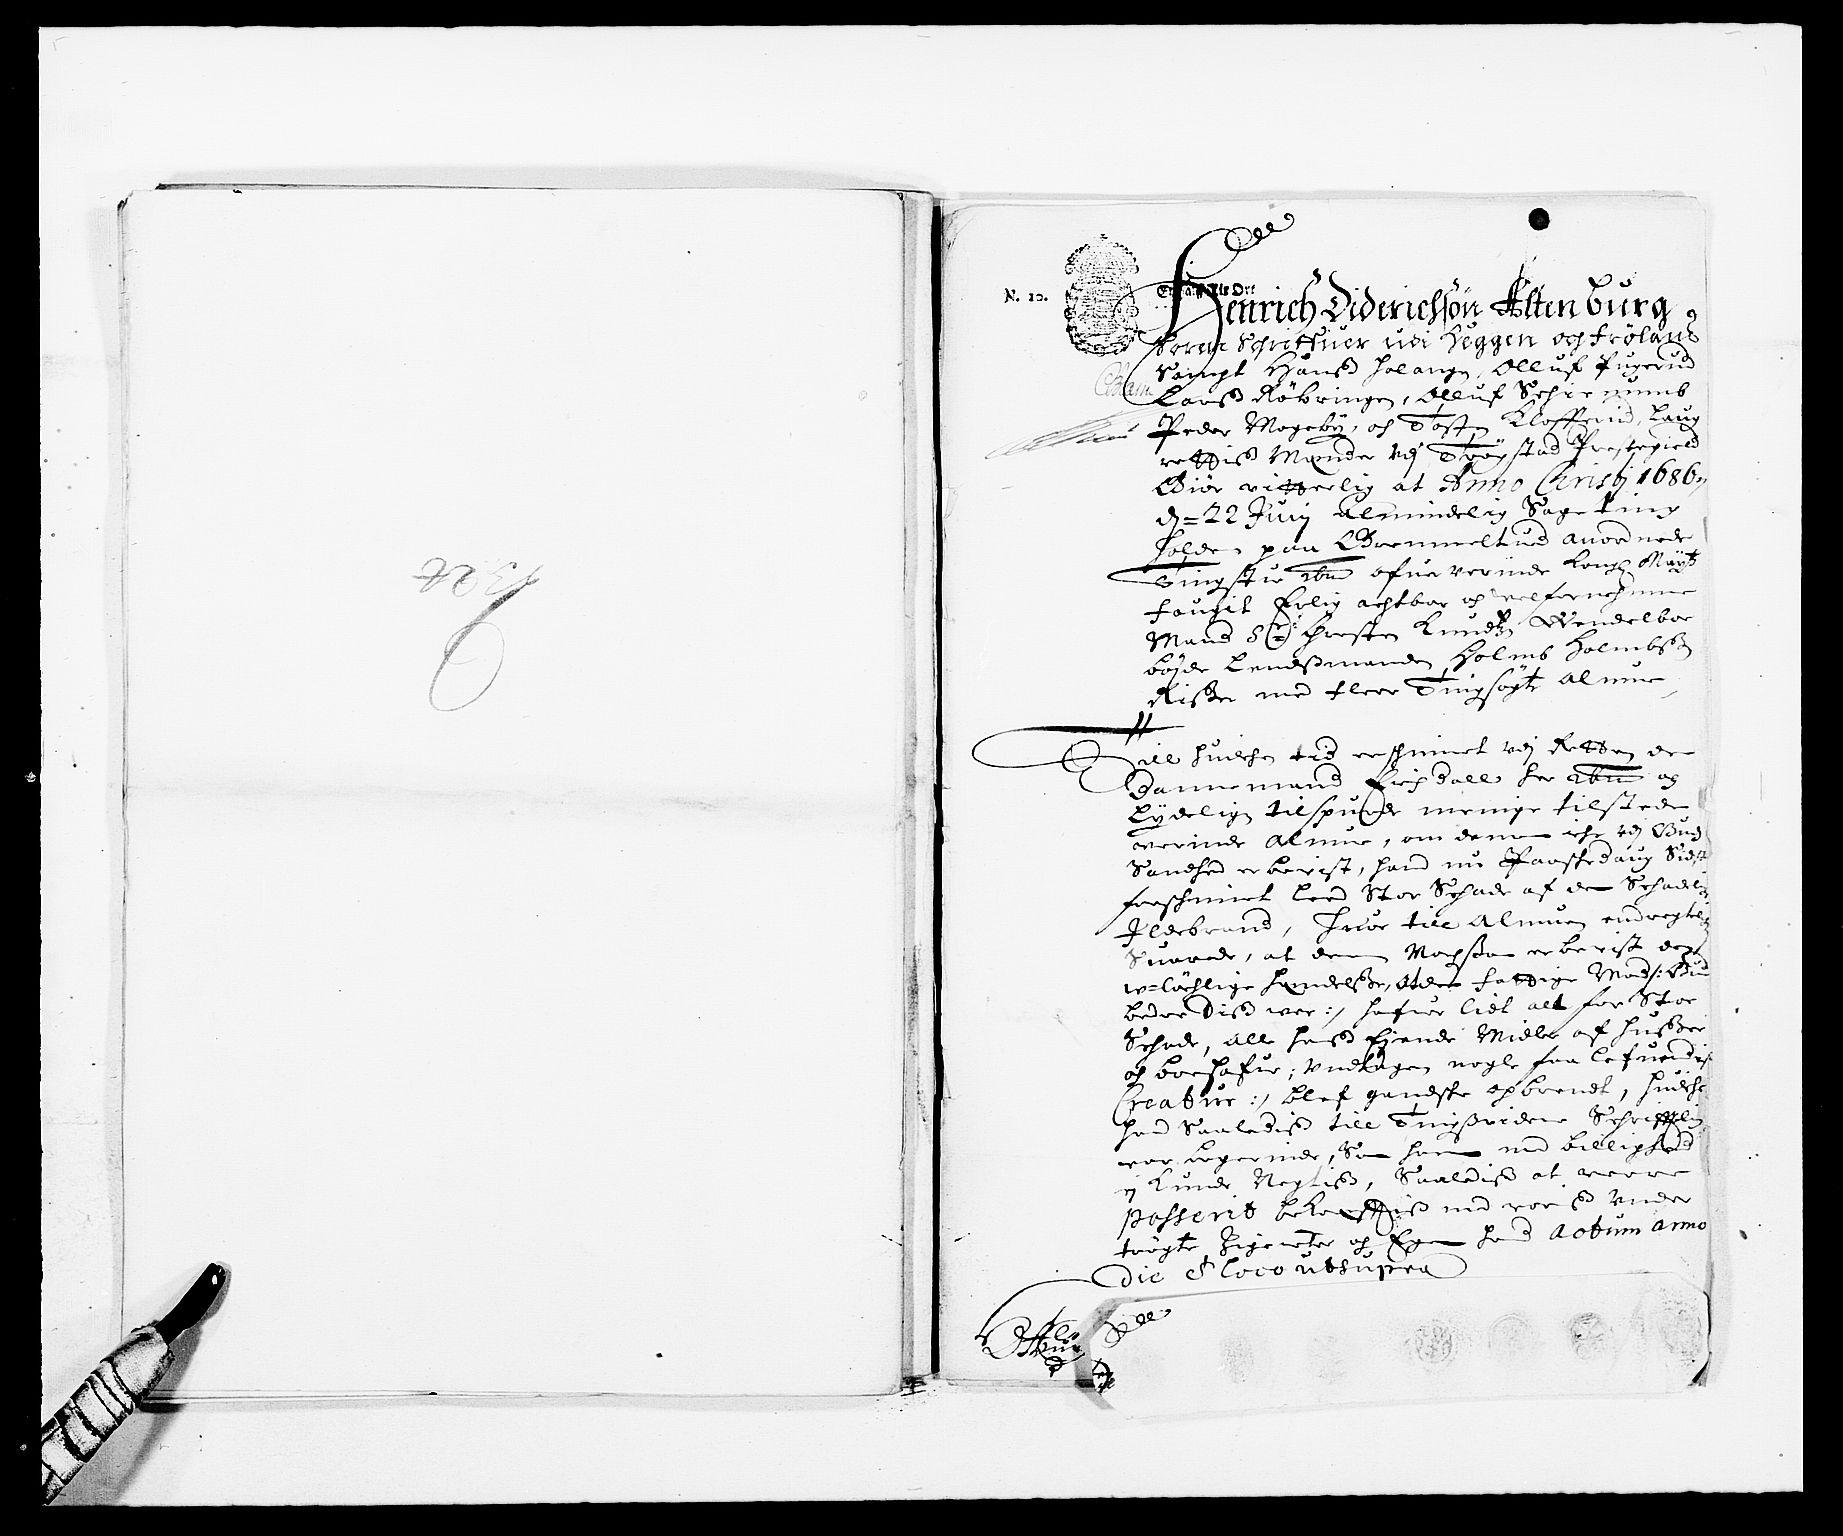 RA, Rentekammeret inntil 1814, Reviderte regnskaper, Fogderegnskap, R06/L0281: Fogderegnskap Heggen og Frøland, 1678-1686, s. 267